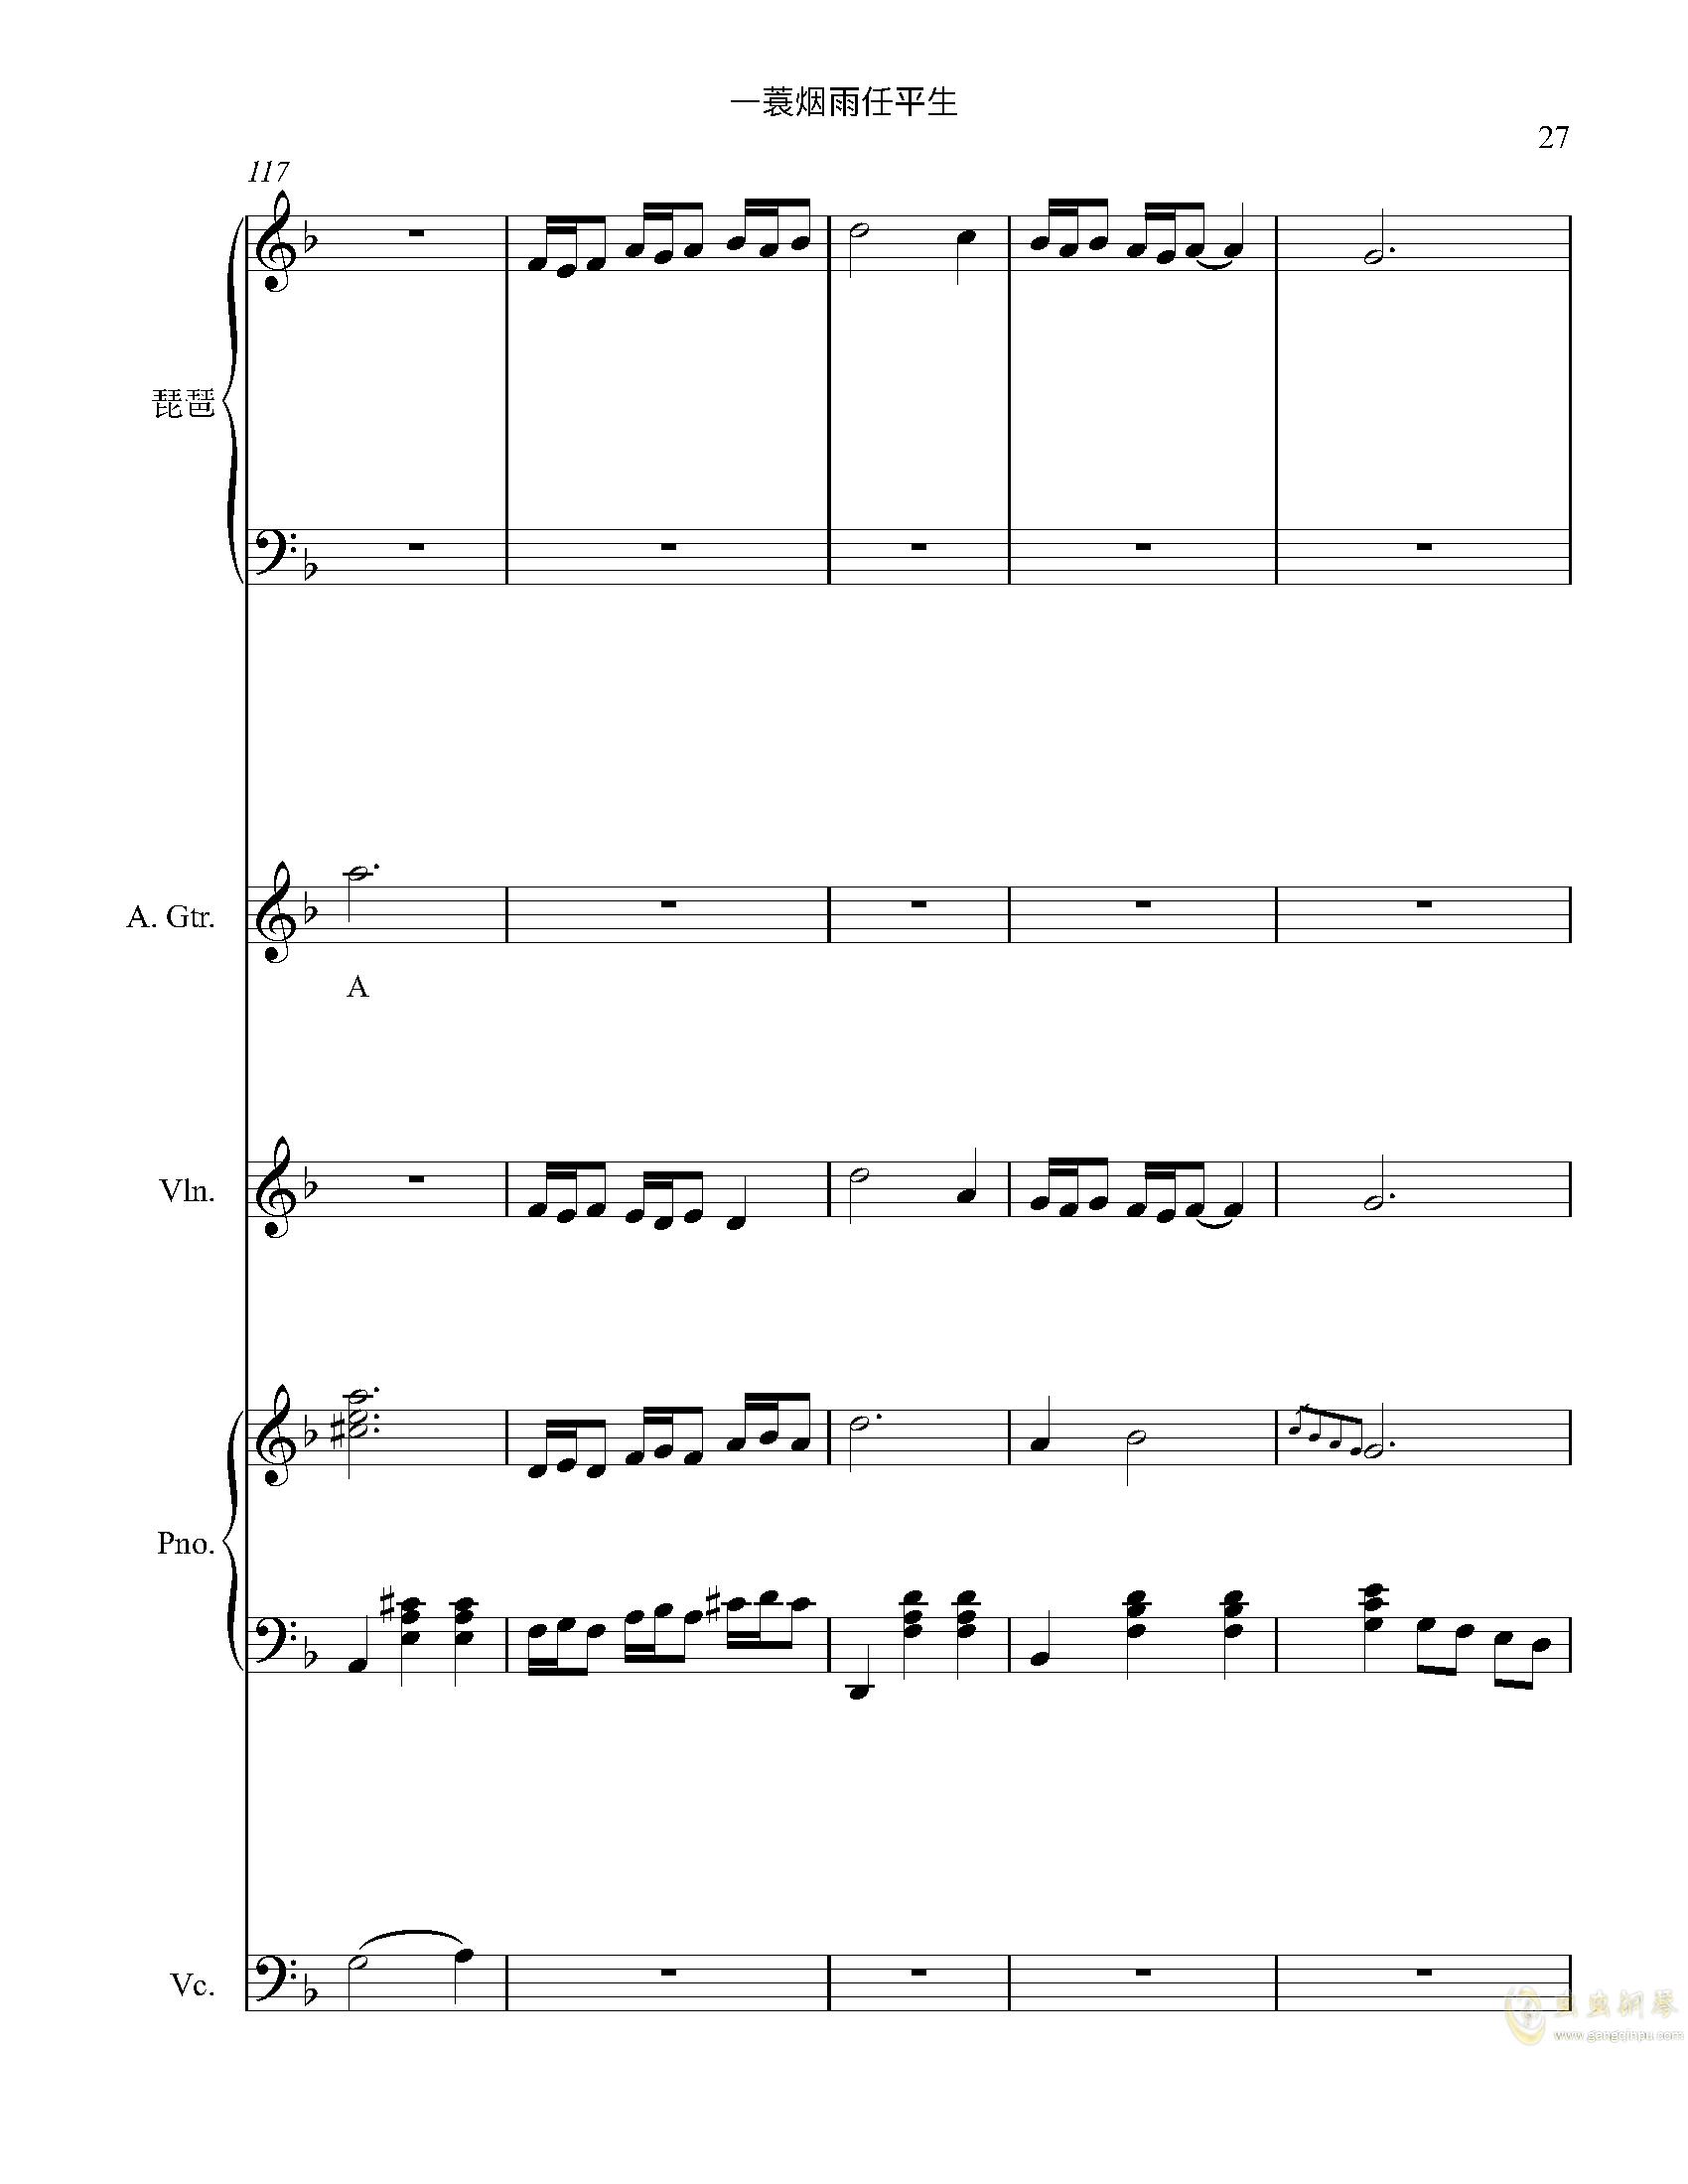 一蓑烟雨任平生钢琴谱 第27页